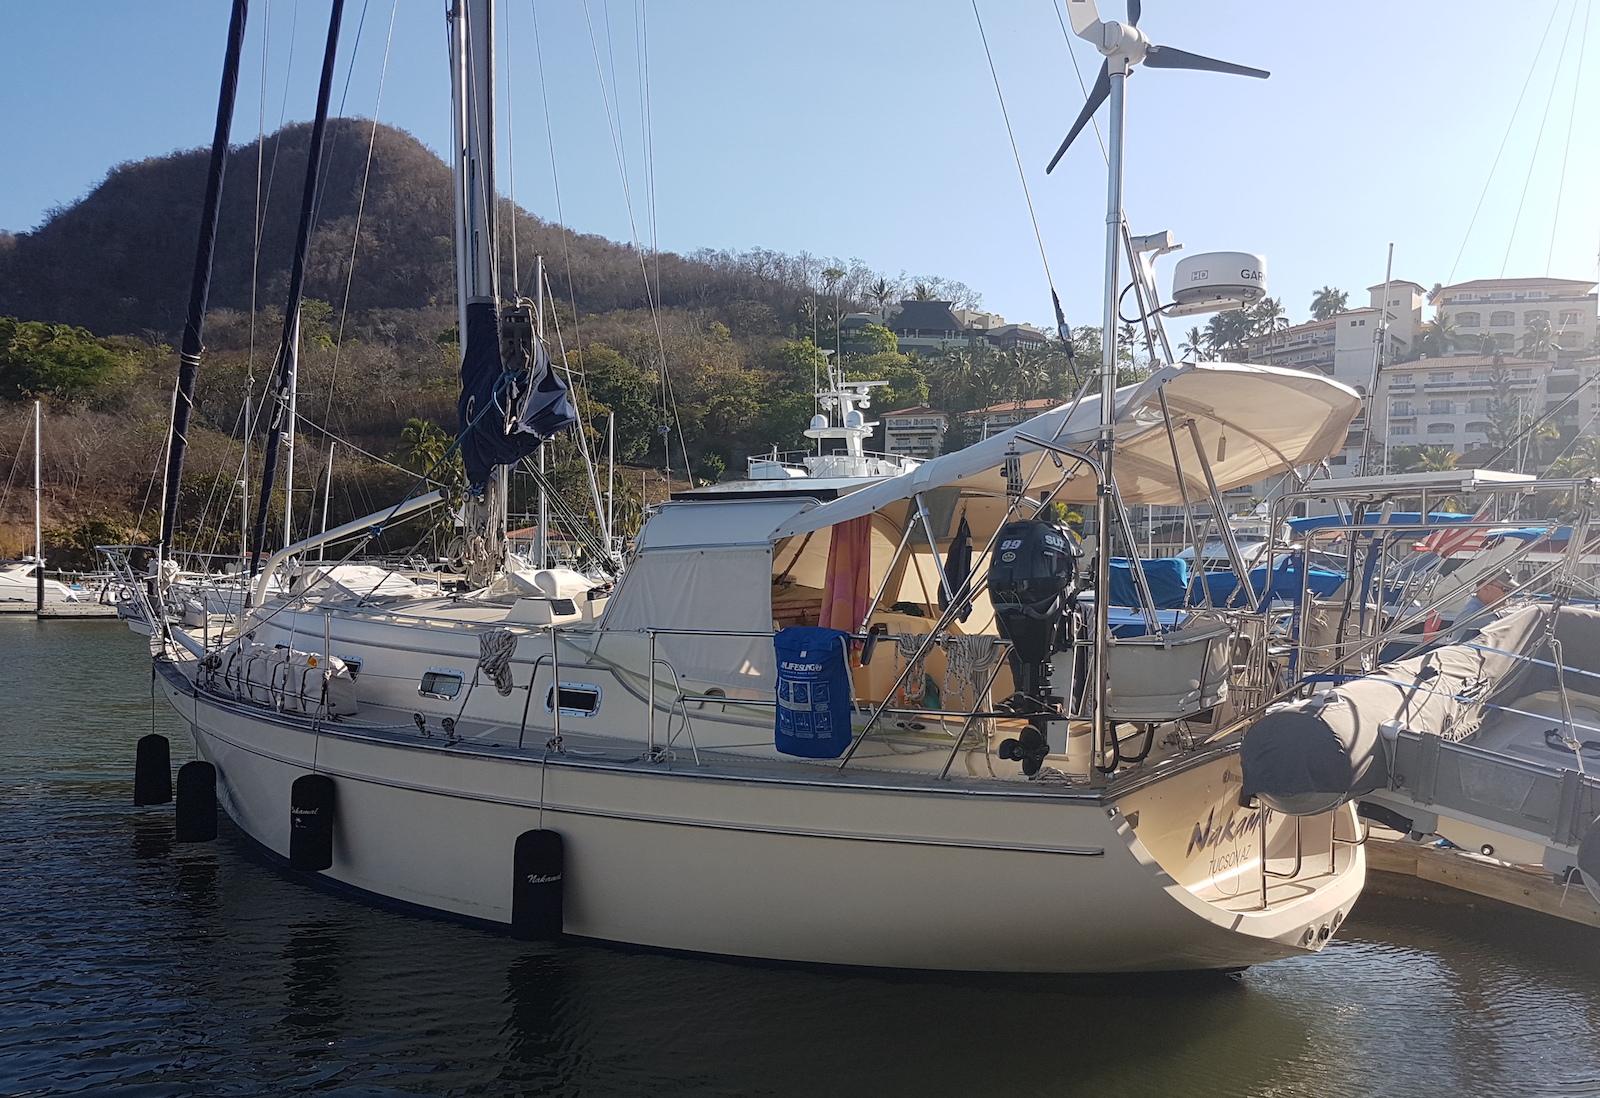 Nakamal at the dock